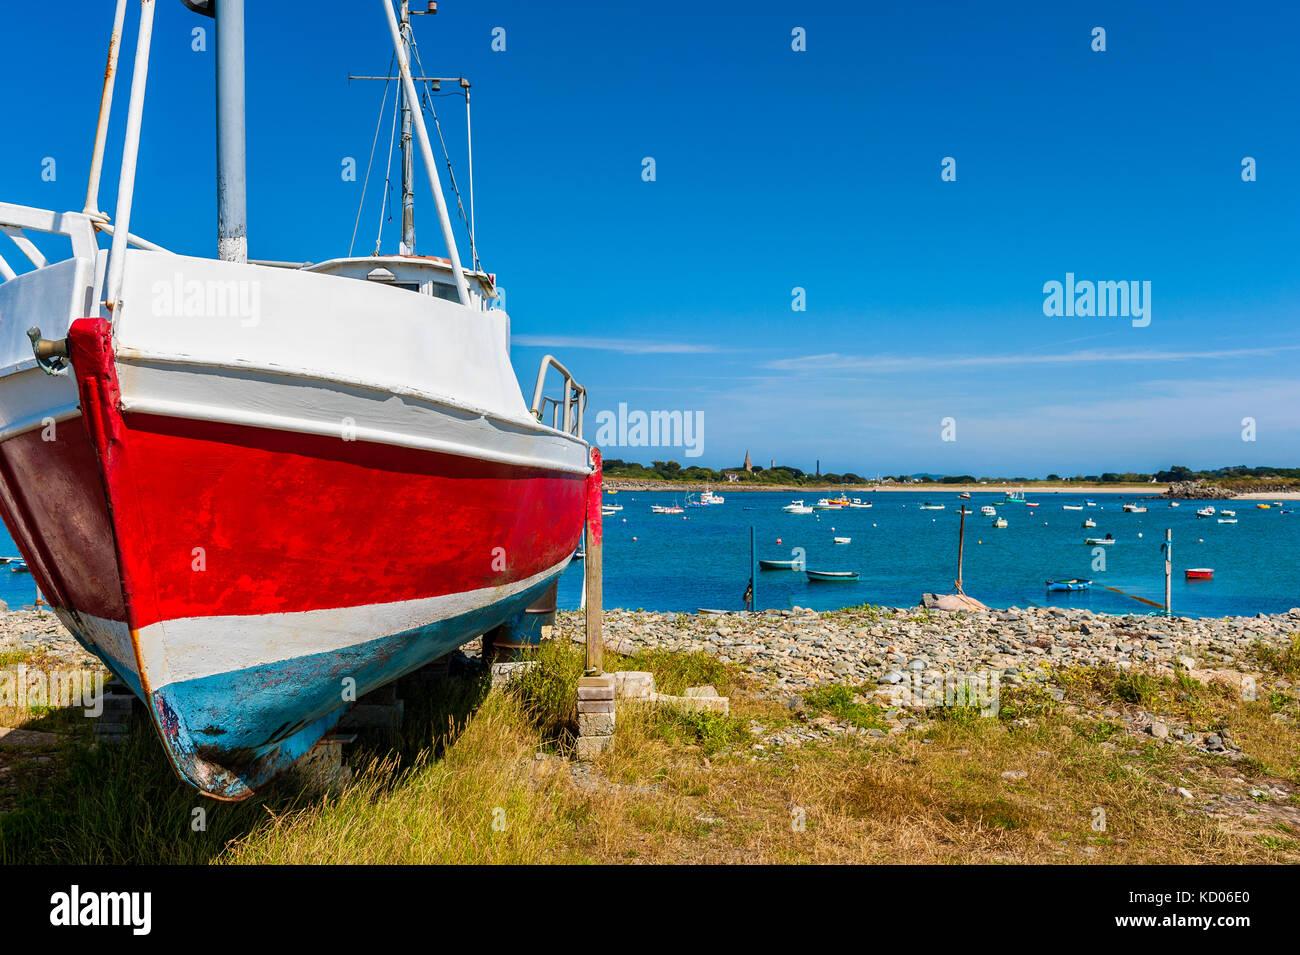 Bateau de pêche sur la côte dans le village de vale, Guernsey, Channel Islands, Royaume-Uni le jour d'été Banque D'Images